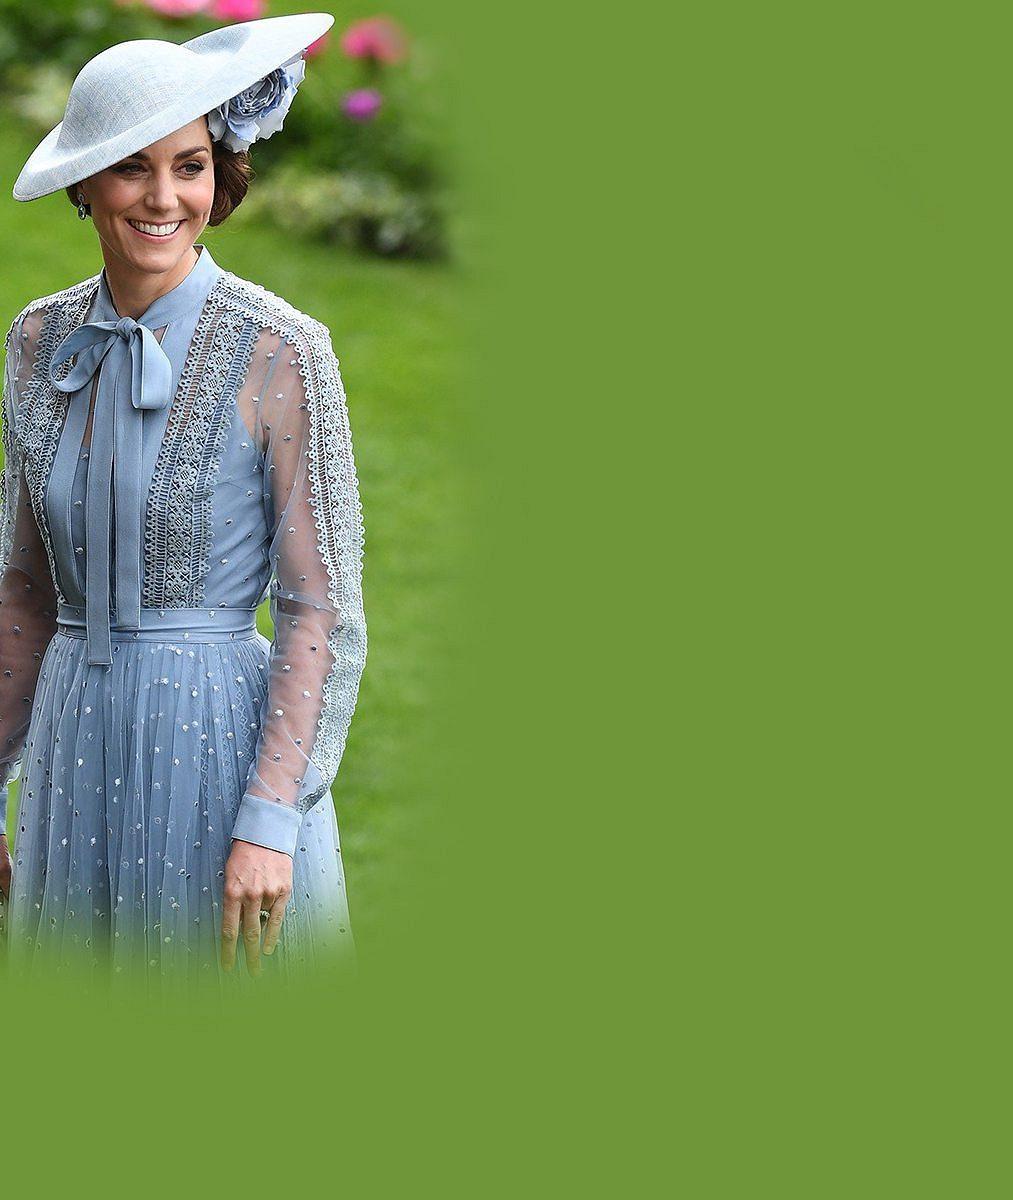 Je vévodkyně Kate opět těhotná? Poprask způsobila tato fotka z dostihů